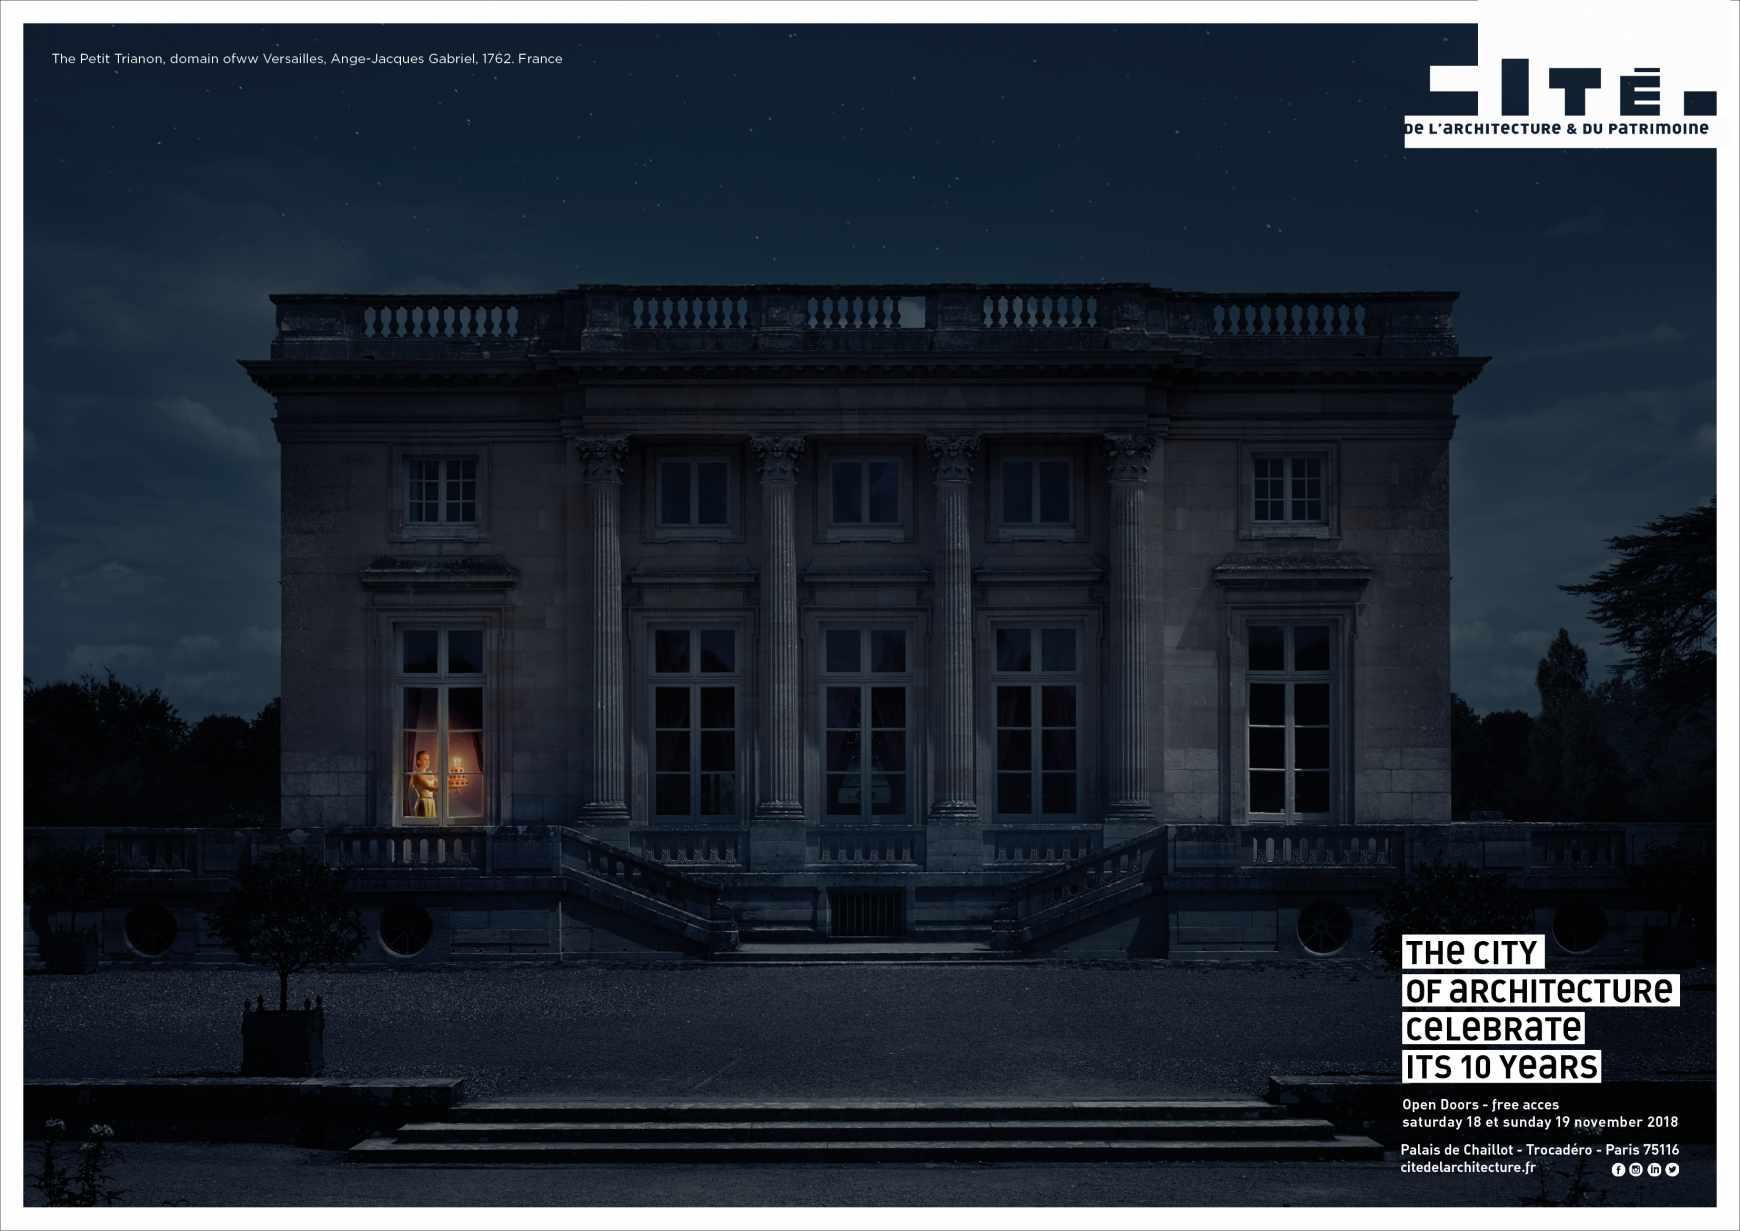 cité de l'architecture et du patrimoine Print Ad - Petit Trianon